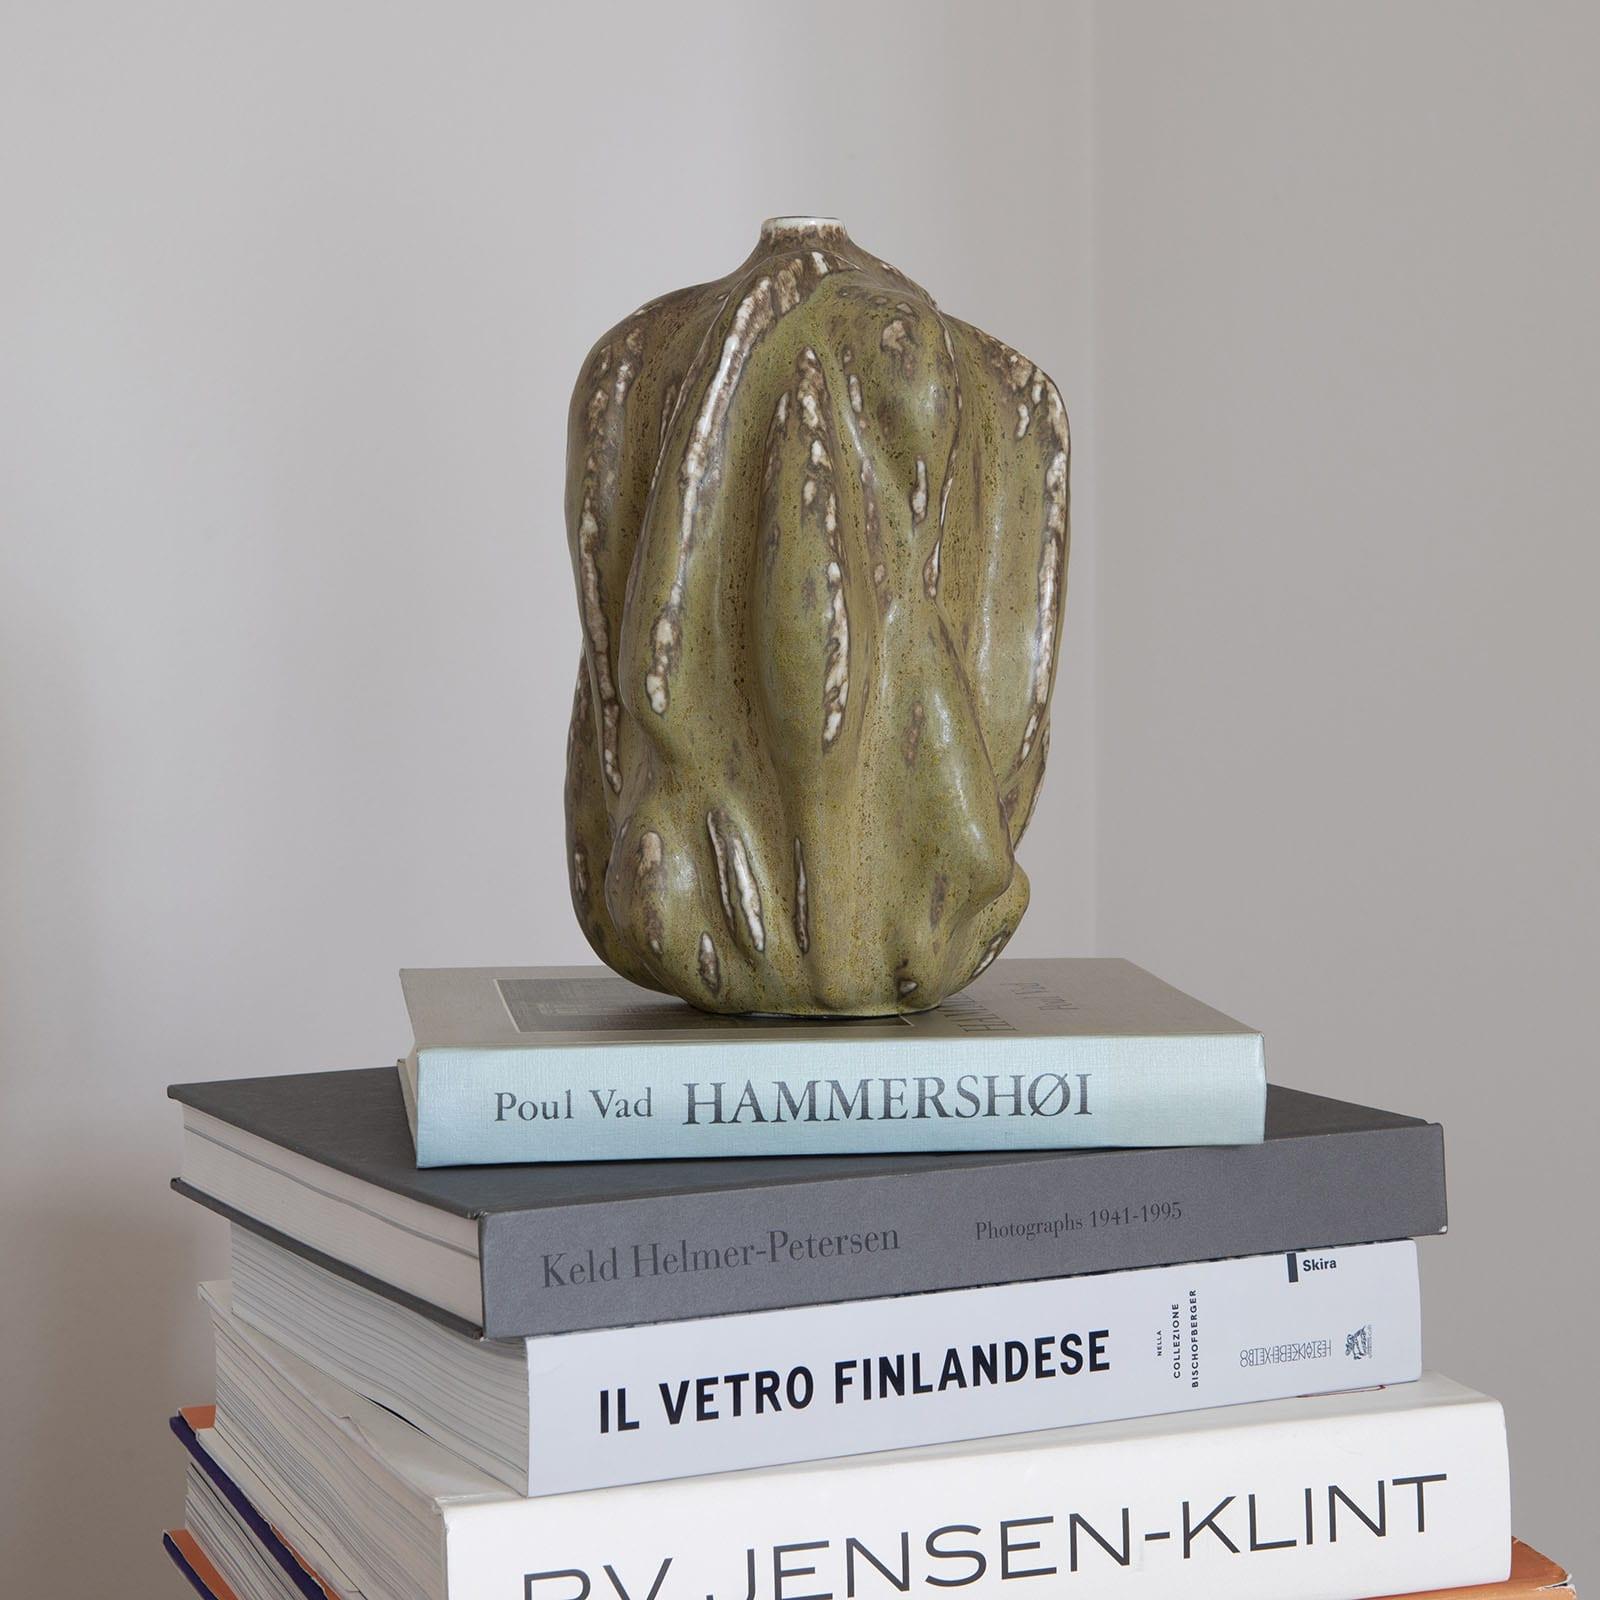 A green glazed vase